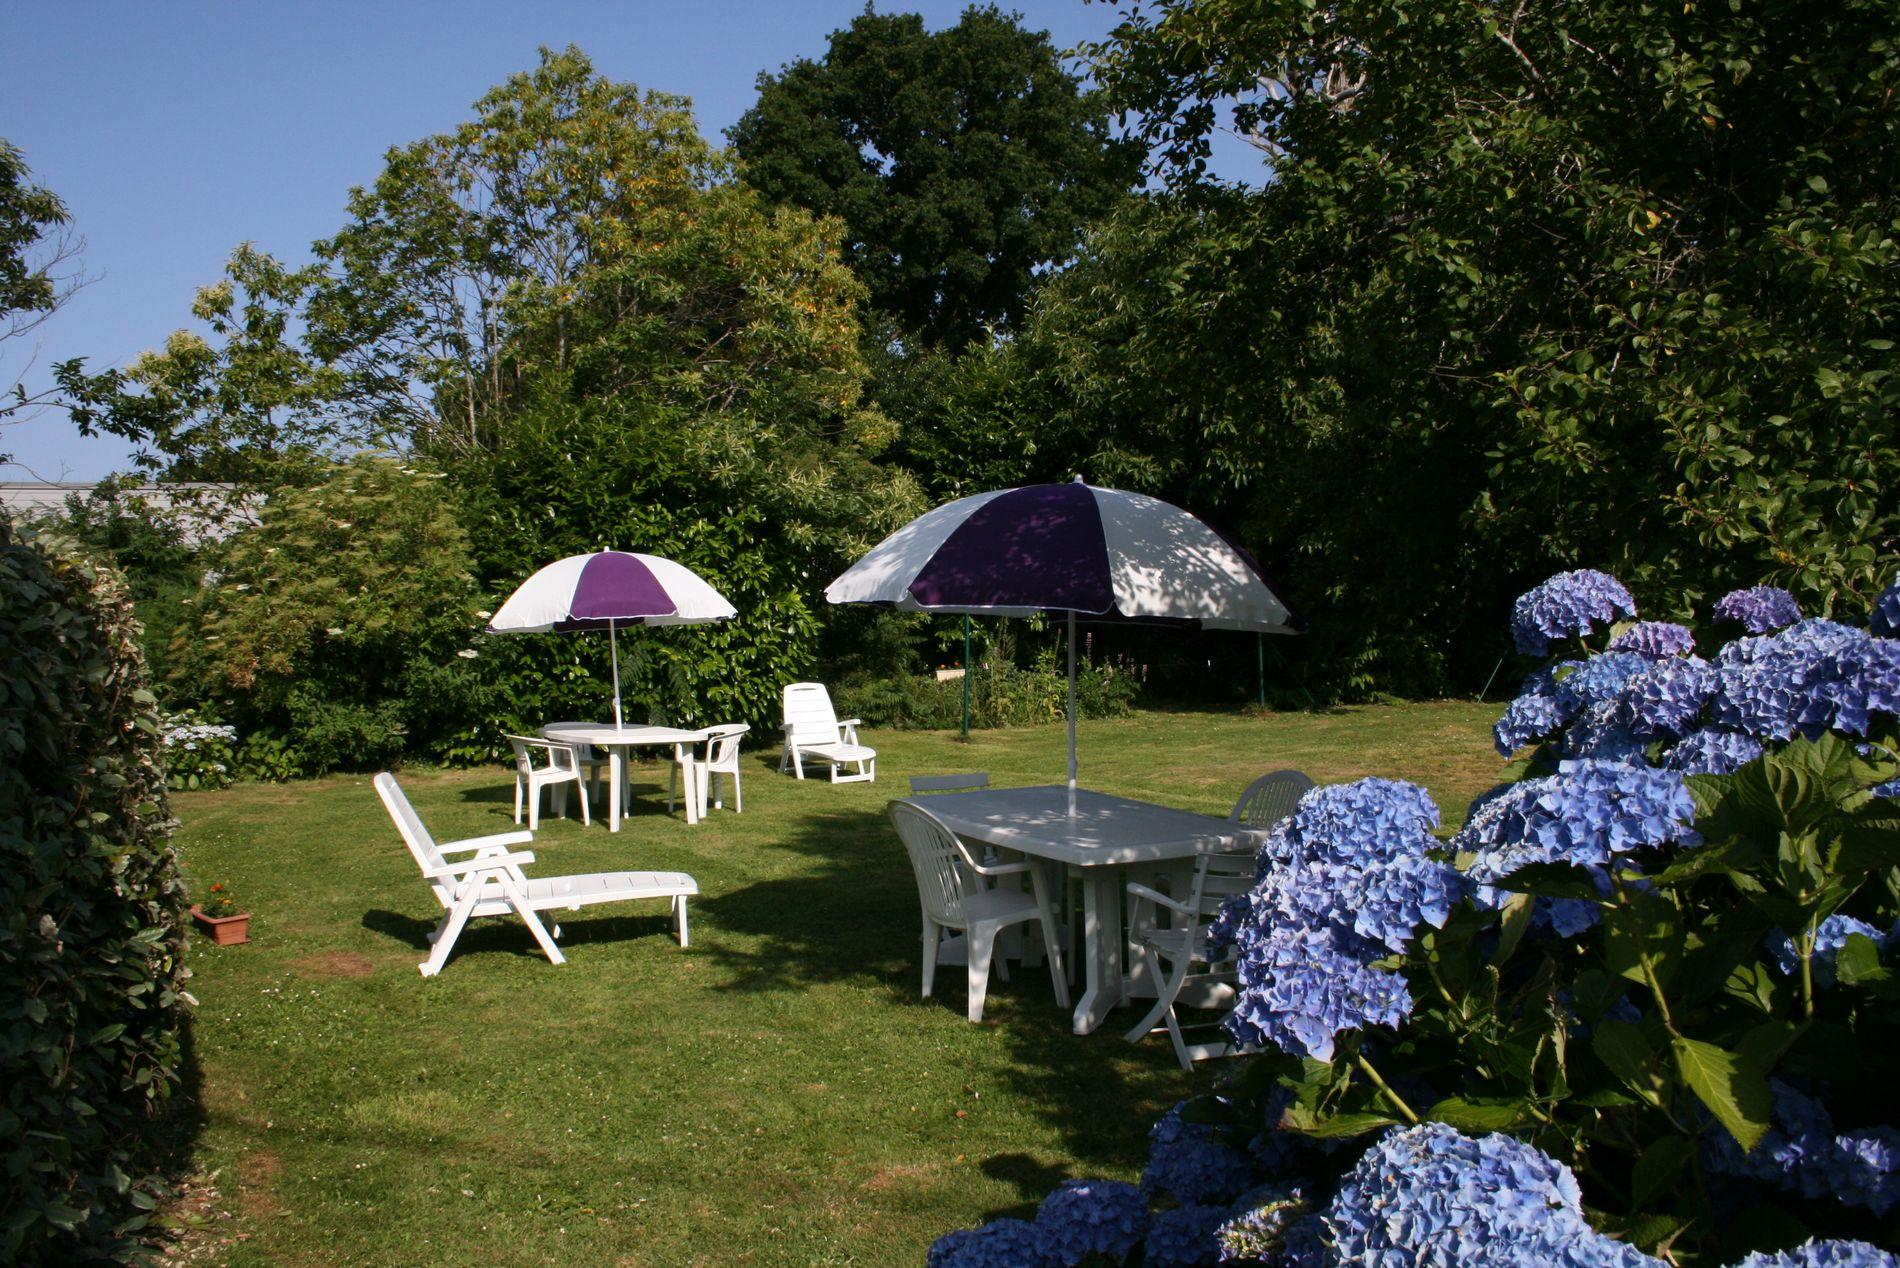 Un jardin au calme, idéal pour se détendre ou se reposer...